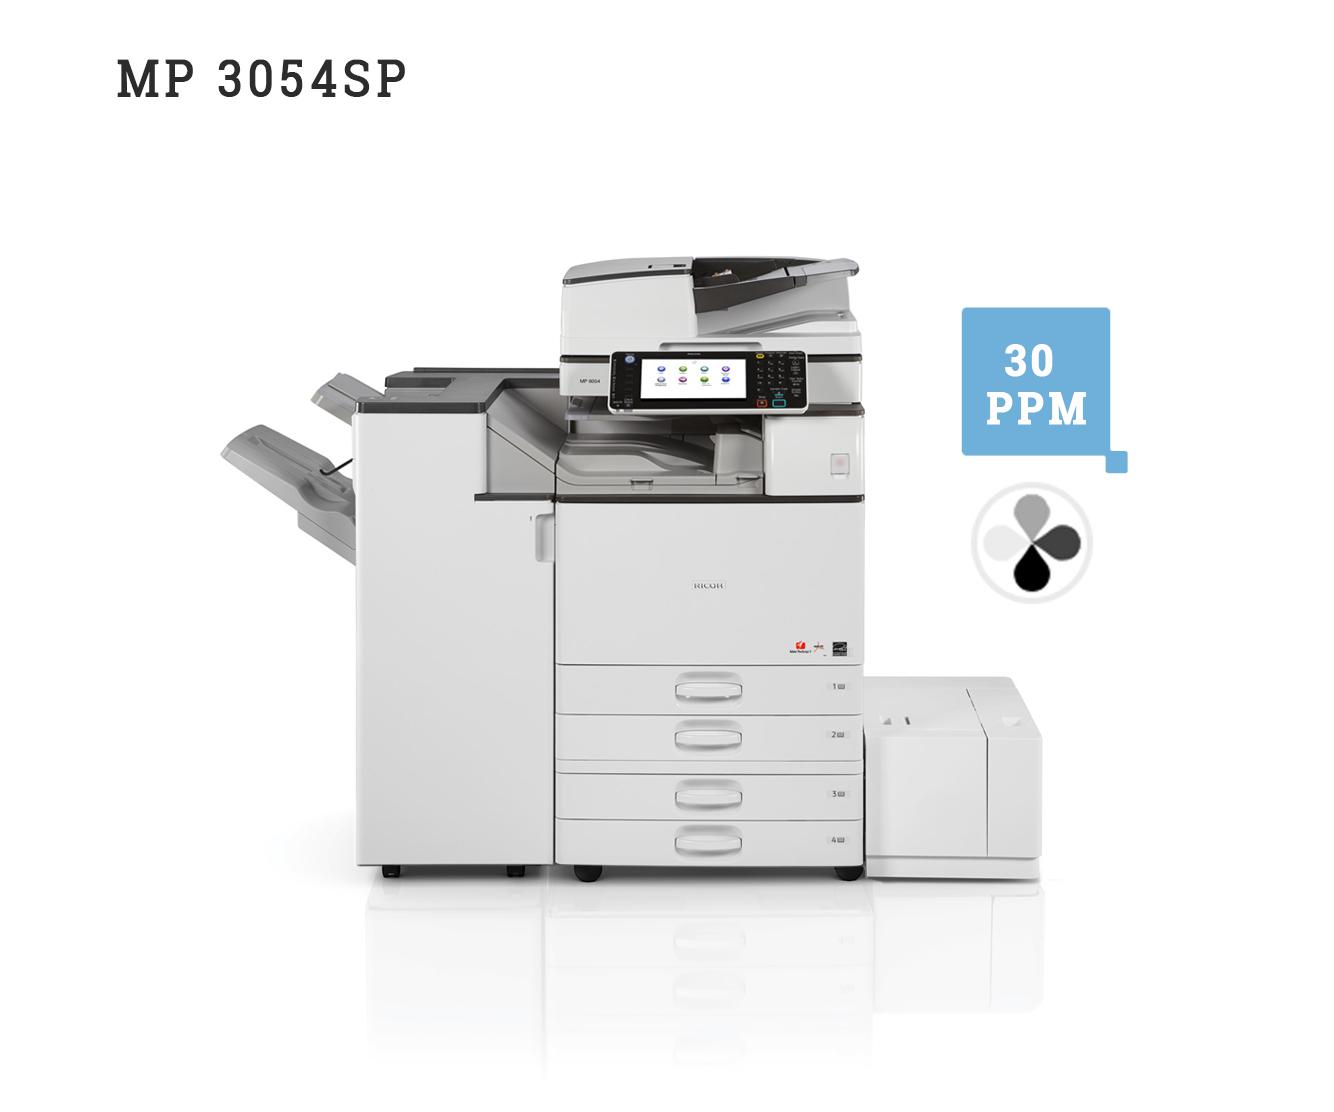 mp3054sp